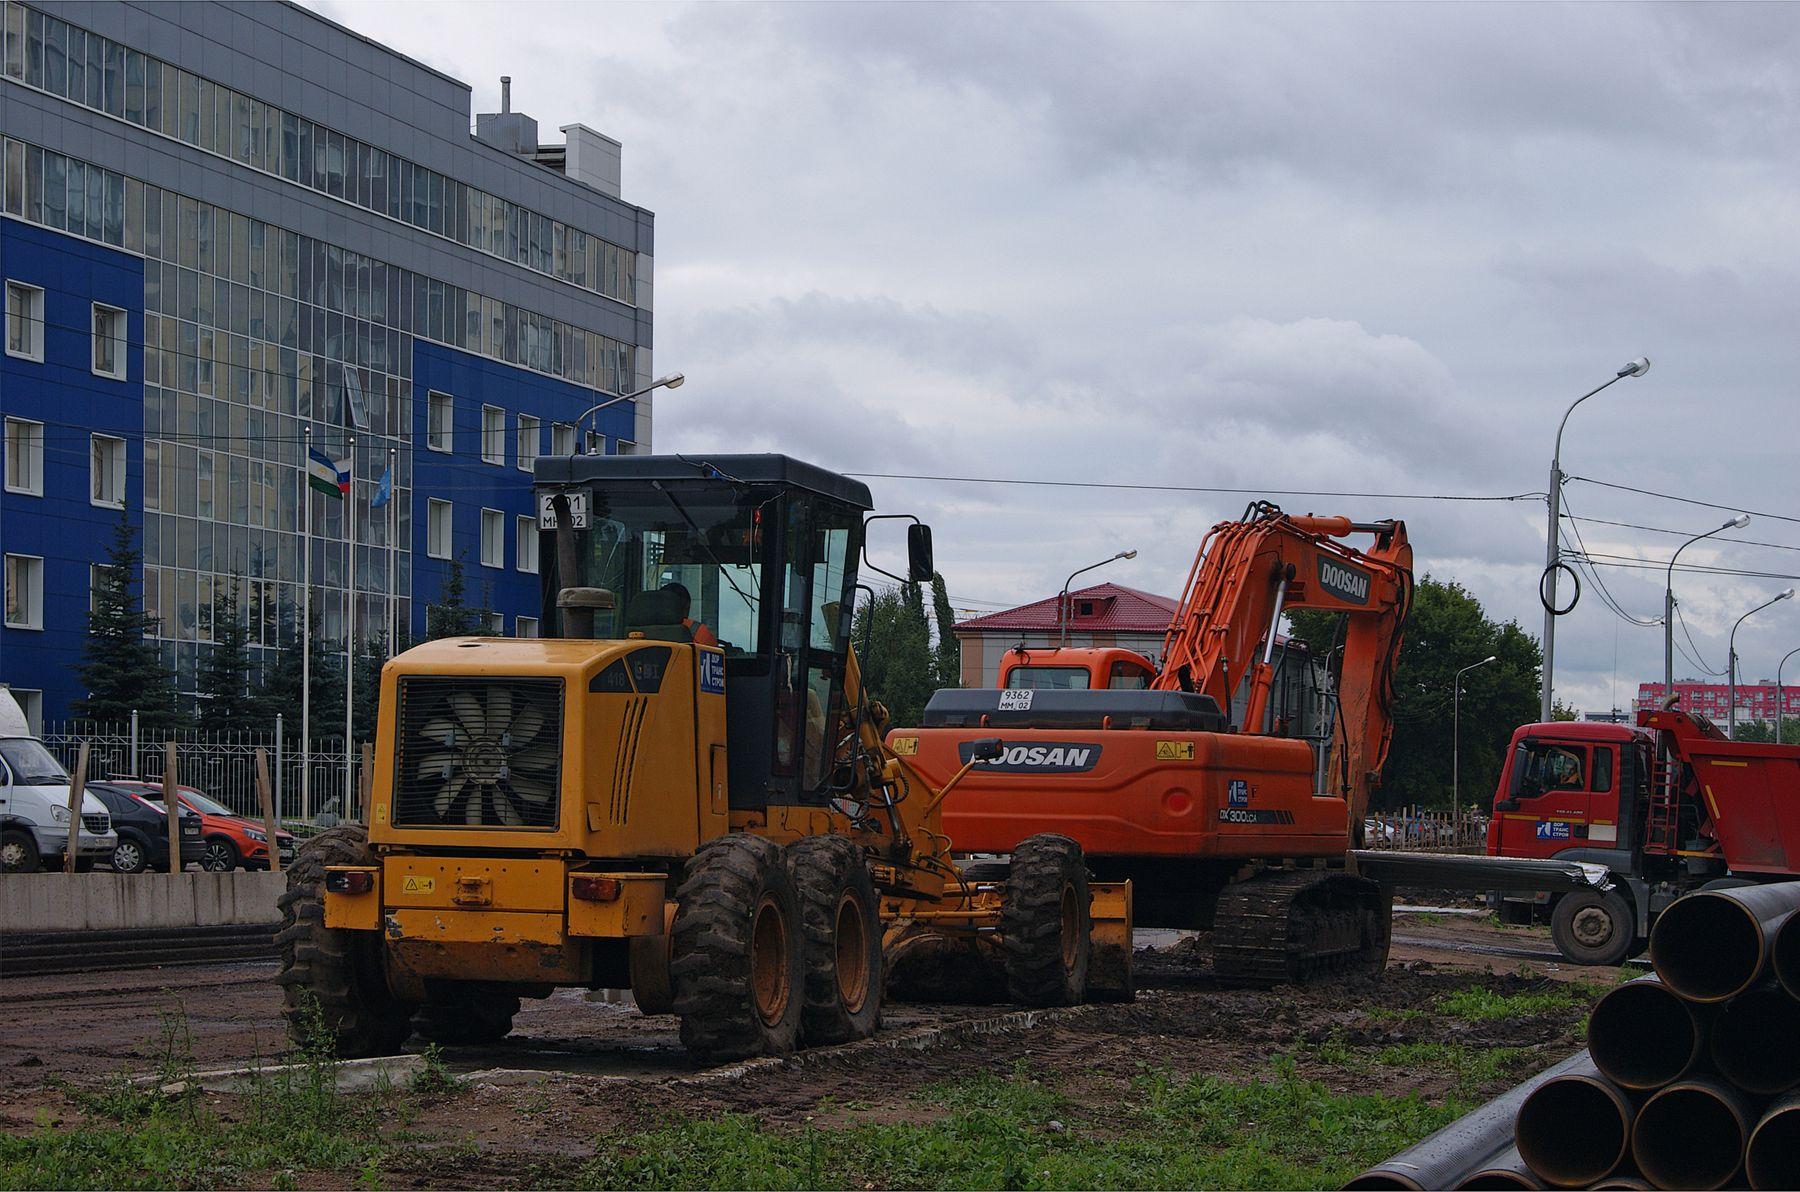 Пауза лето город стройка техника грейдер экскаватор грузовик